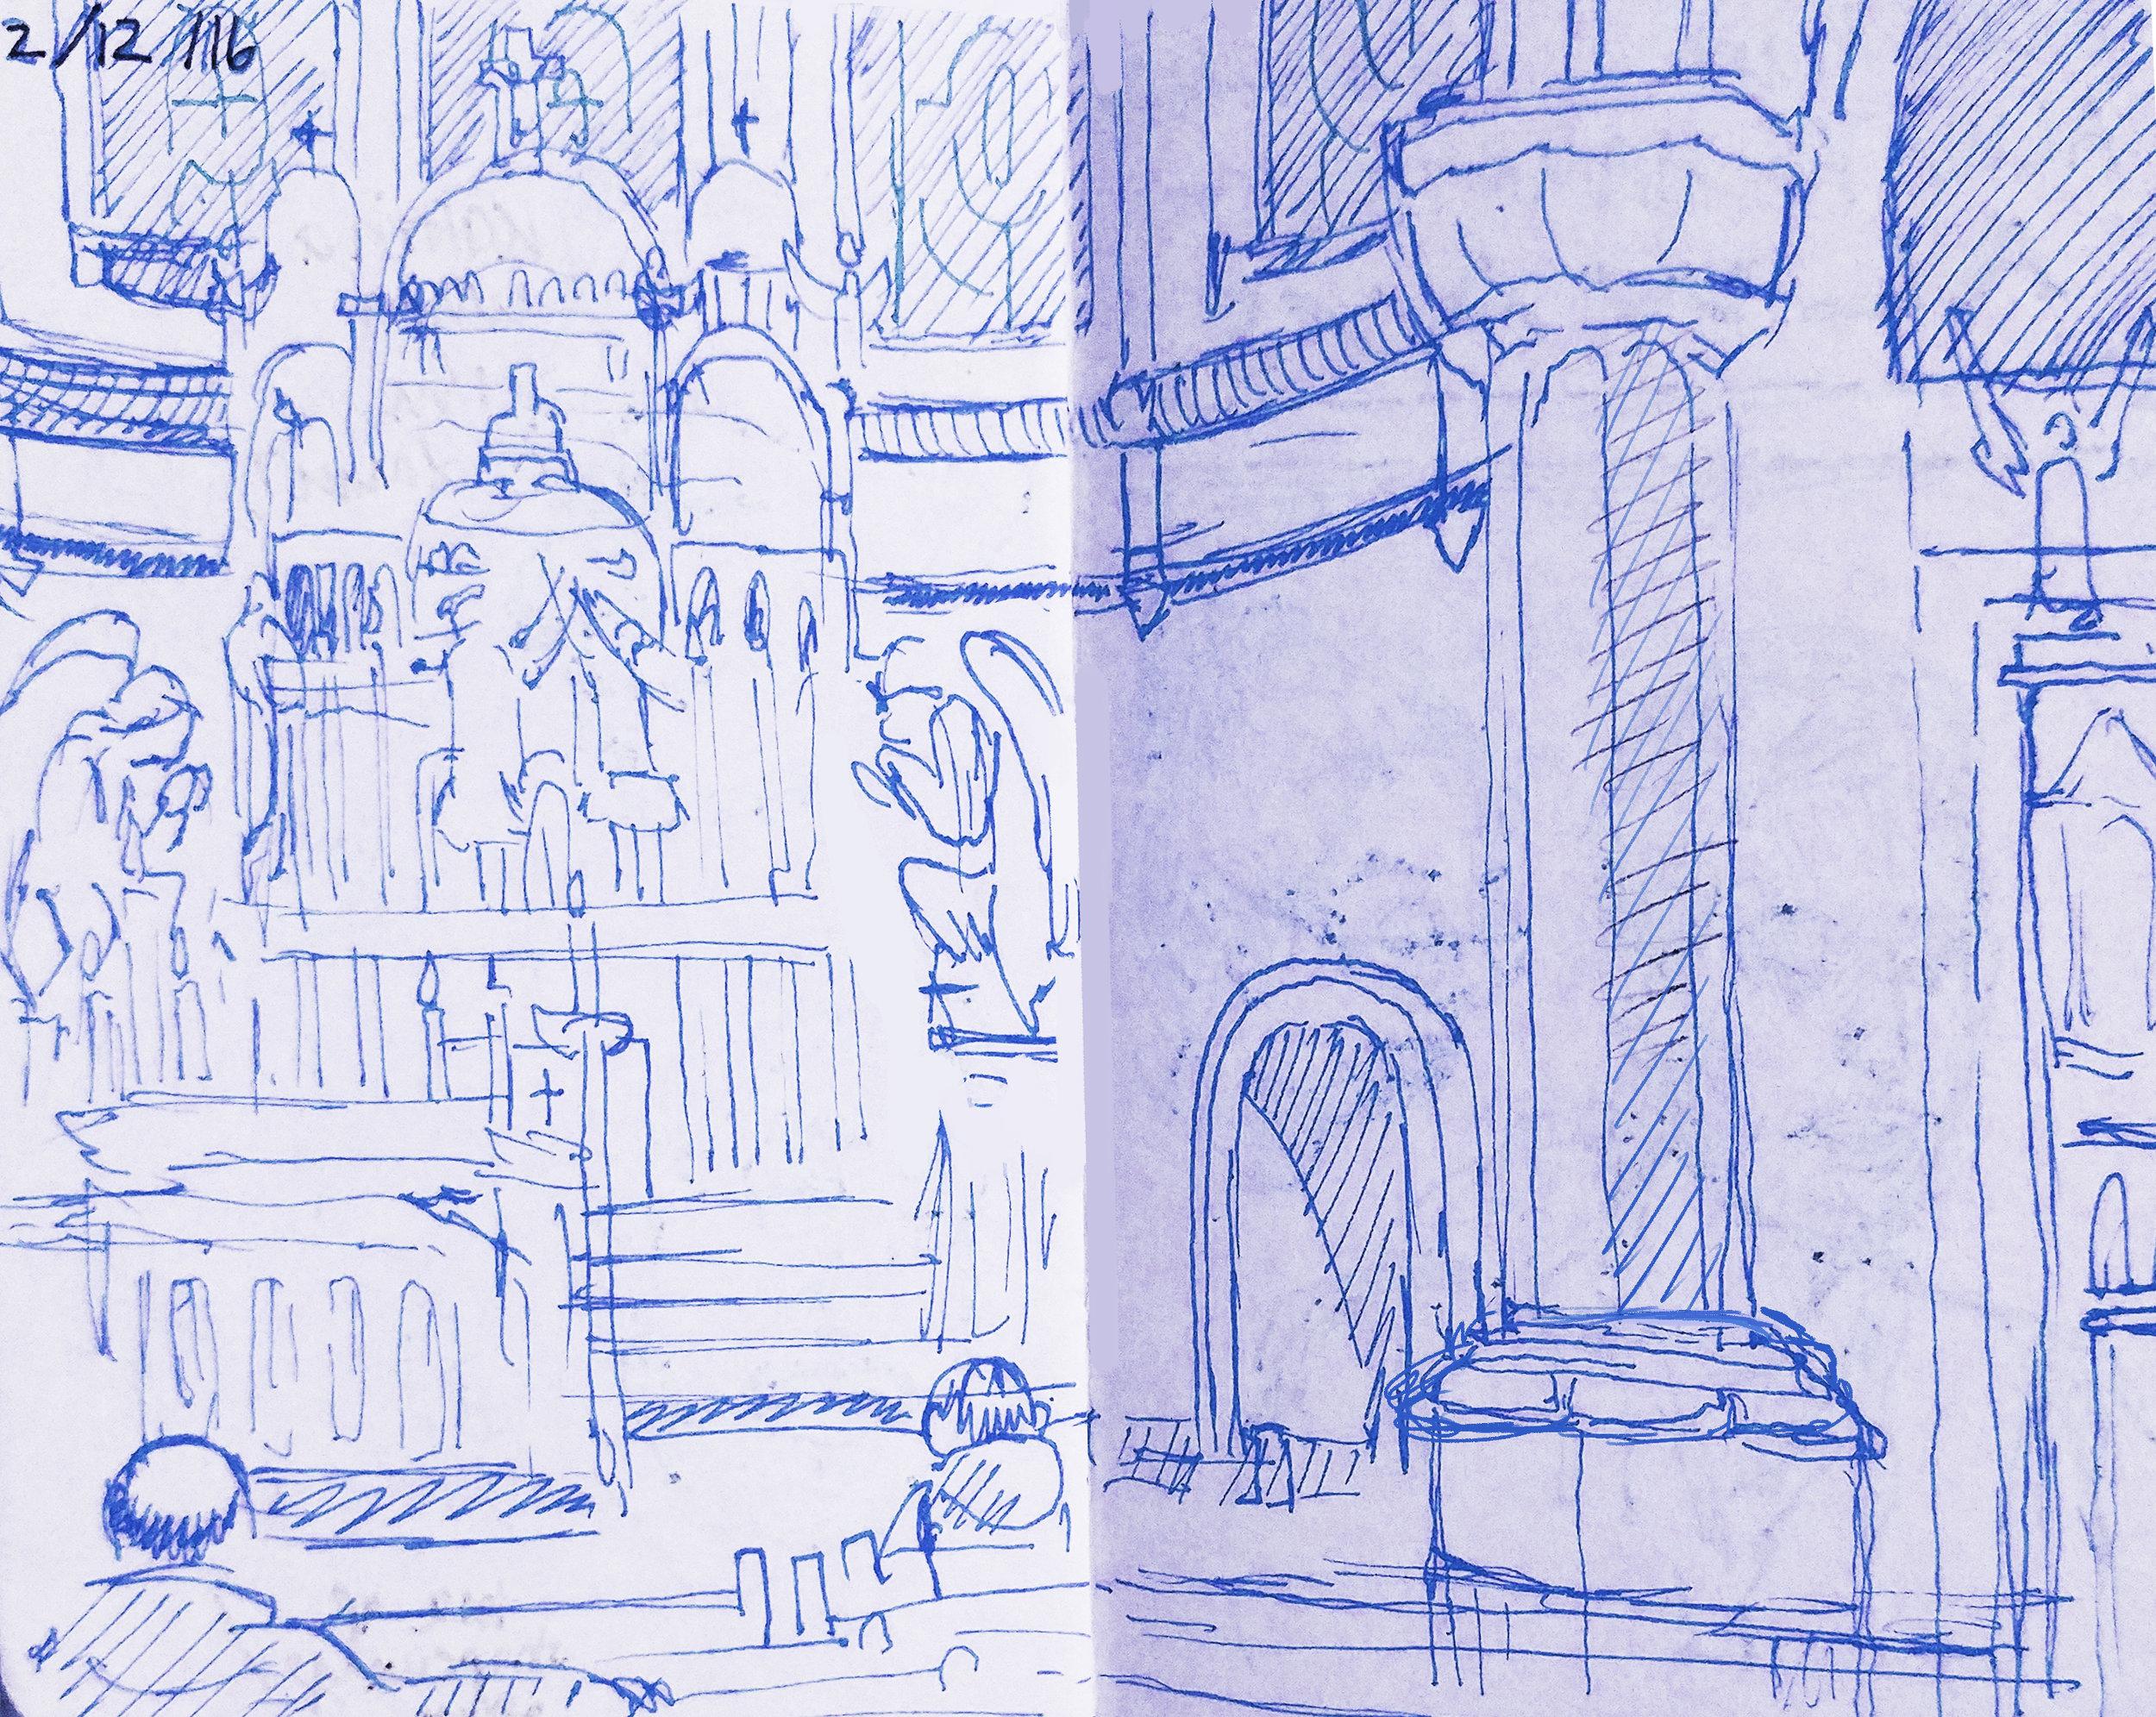 blind contour - church sketch.jpg